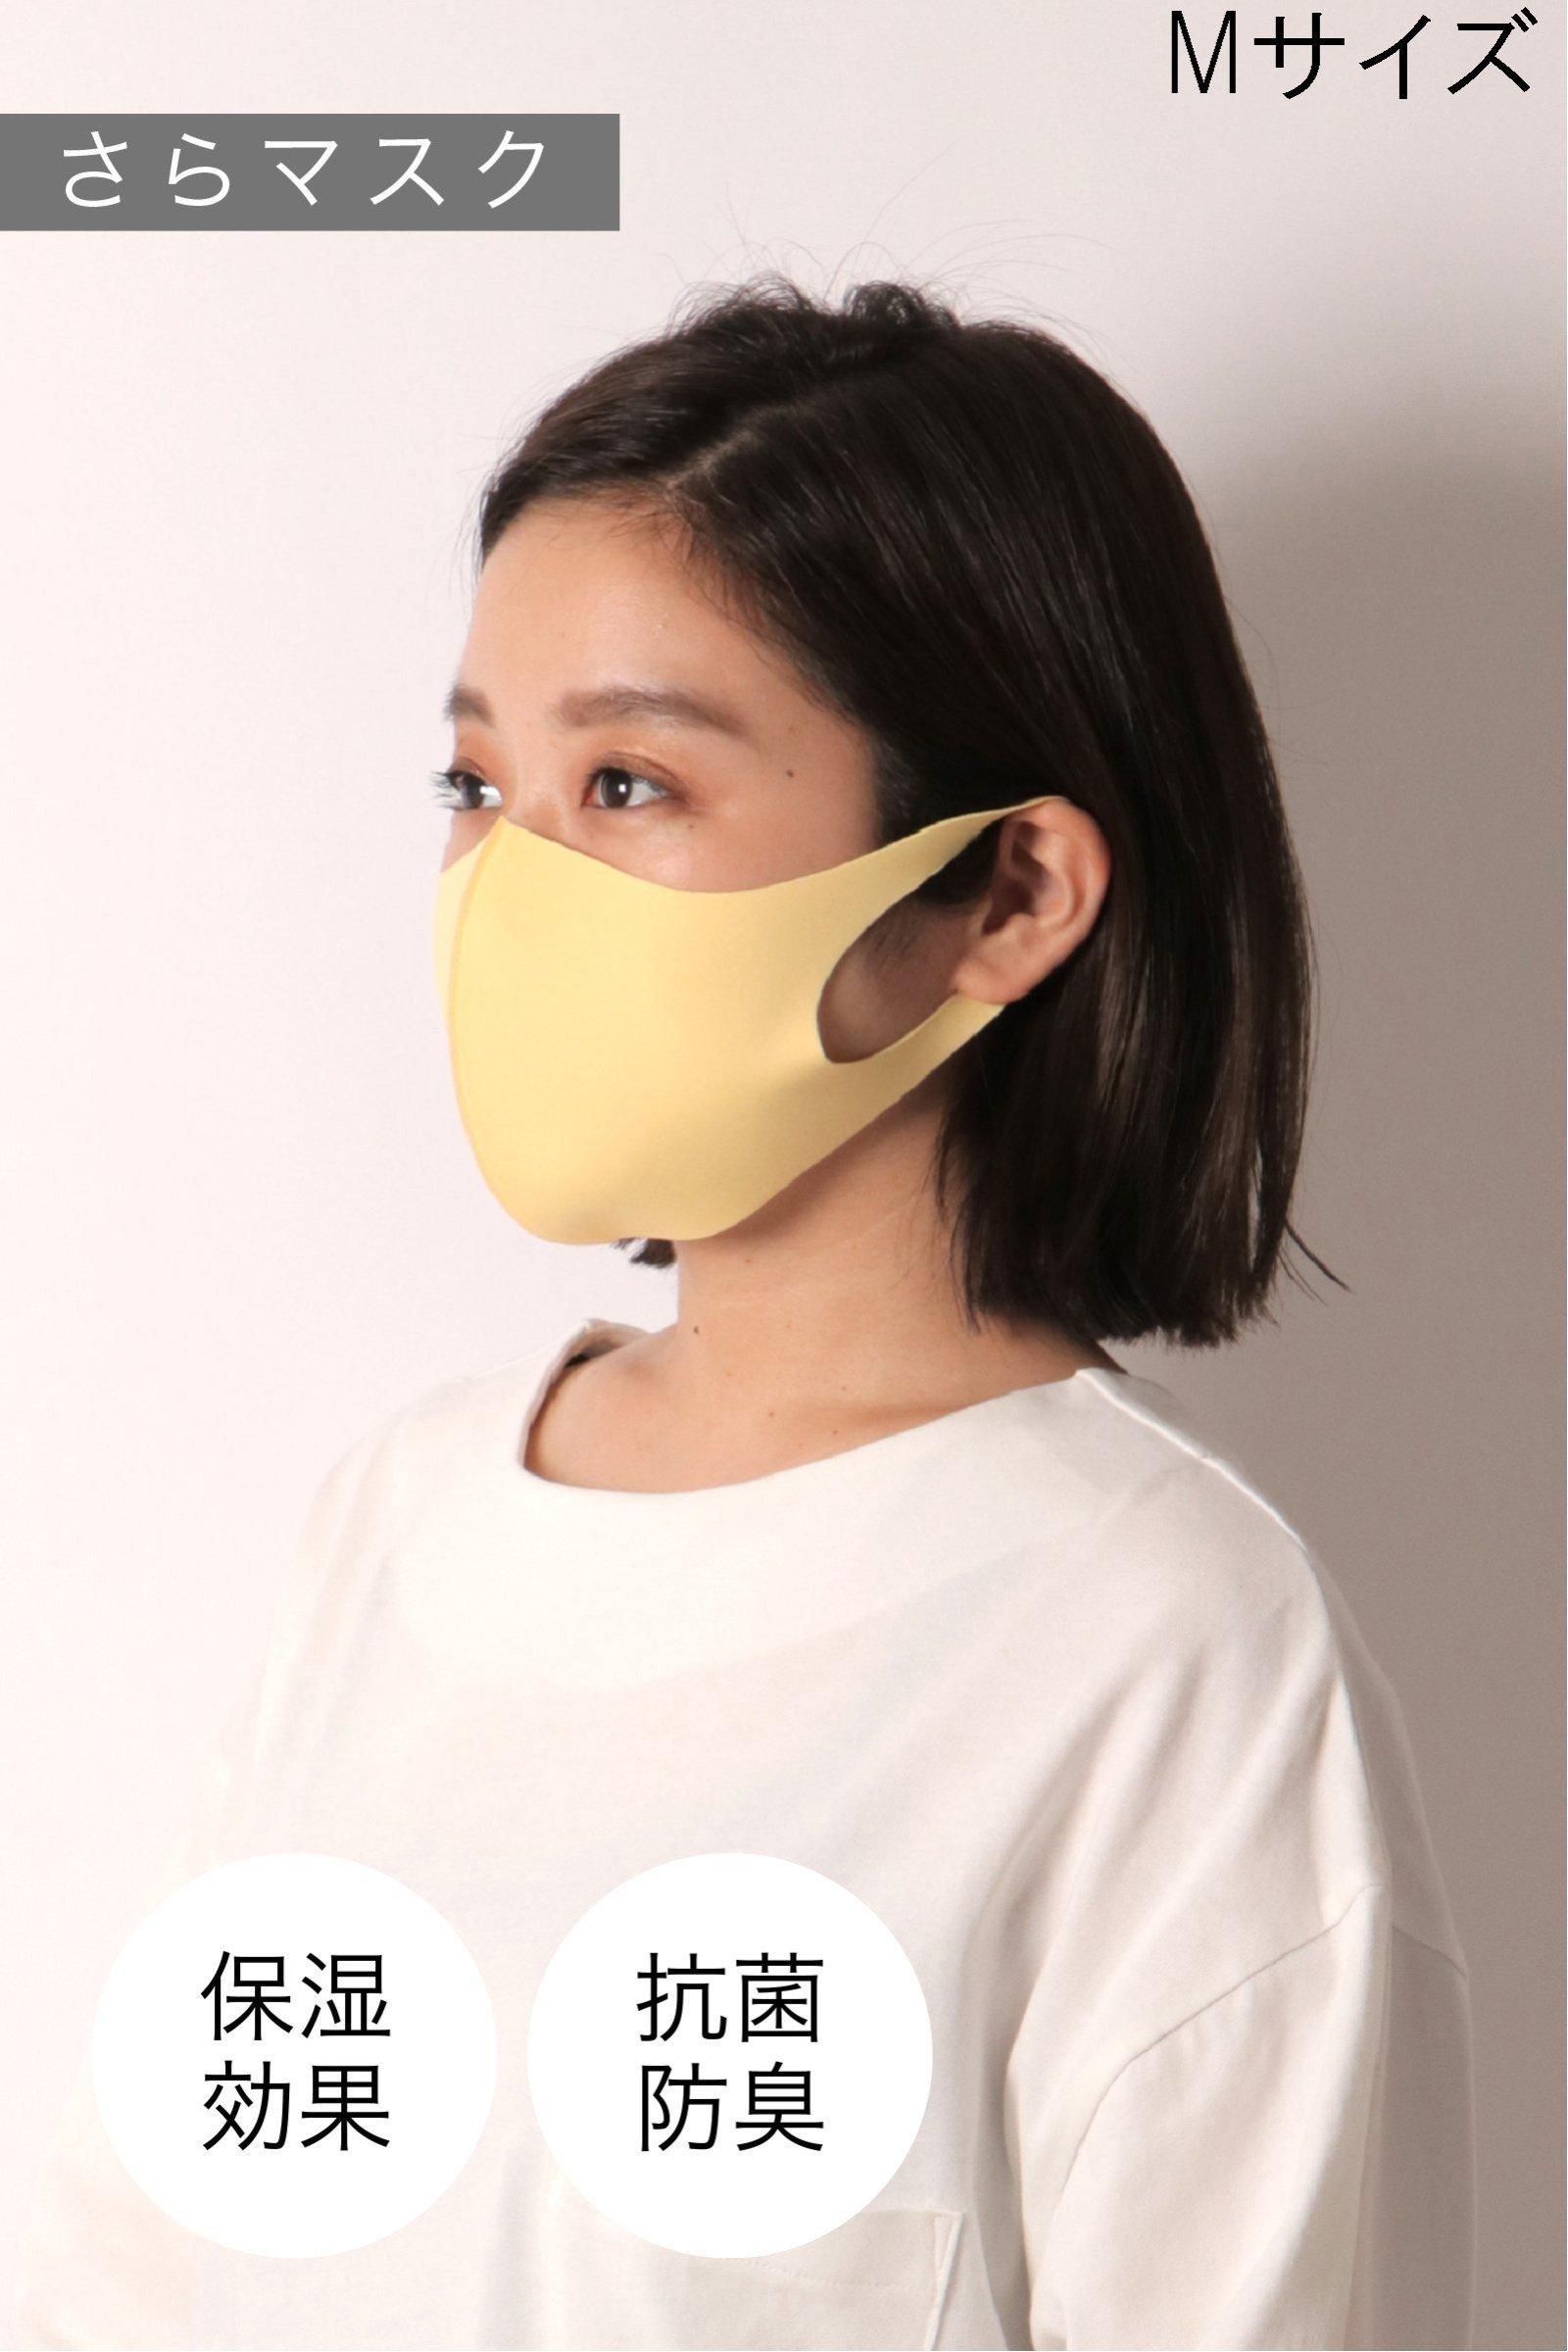 【おとな用】 さらマスク イエロー